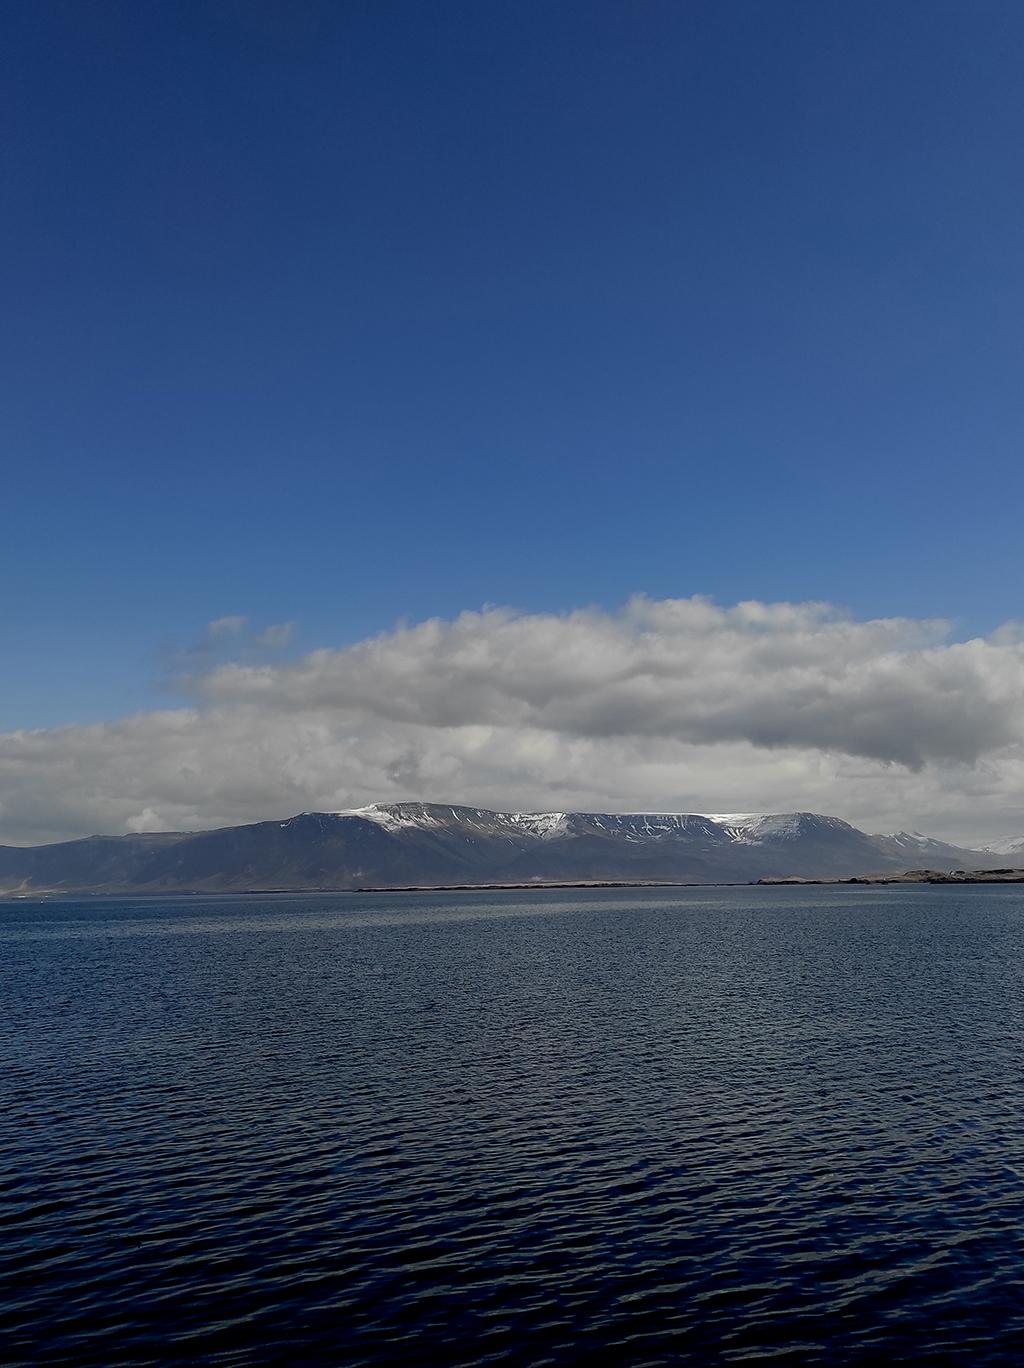 Potovanje_na_Islandijo_-_Travel_to_Iceland_3.jpg